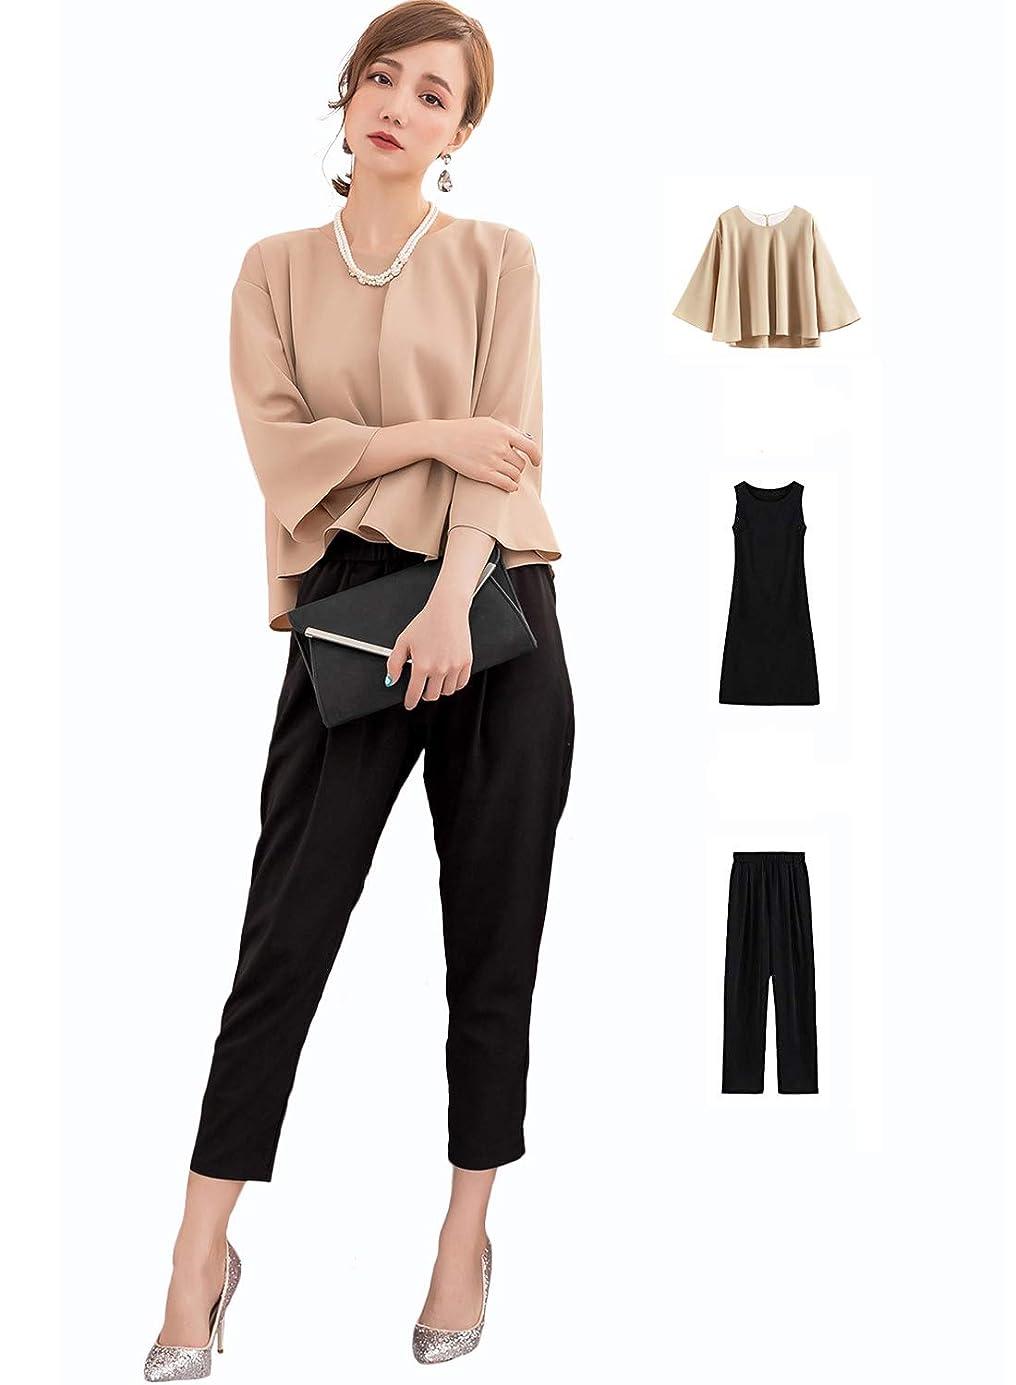 キャプション放散する未使用[美しいです] スーツ 洋服 レディース コート 二点セット ビジネス チェック柄 九分パンツ セット 春 秋 ウエスト締める イングランド風 スリム